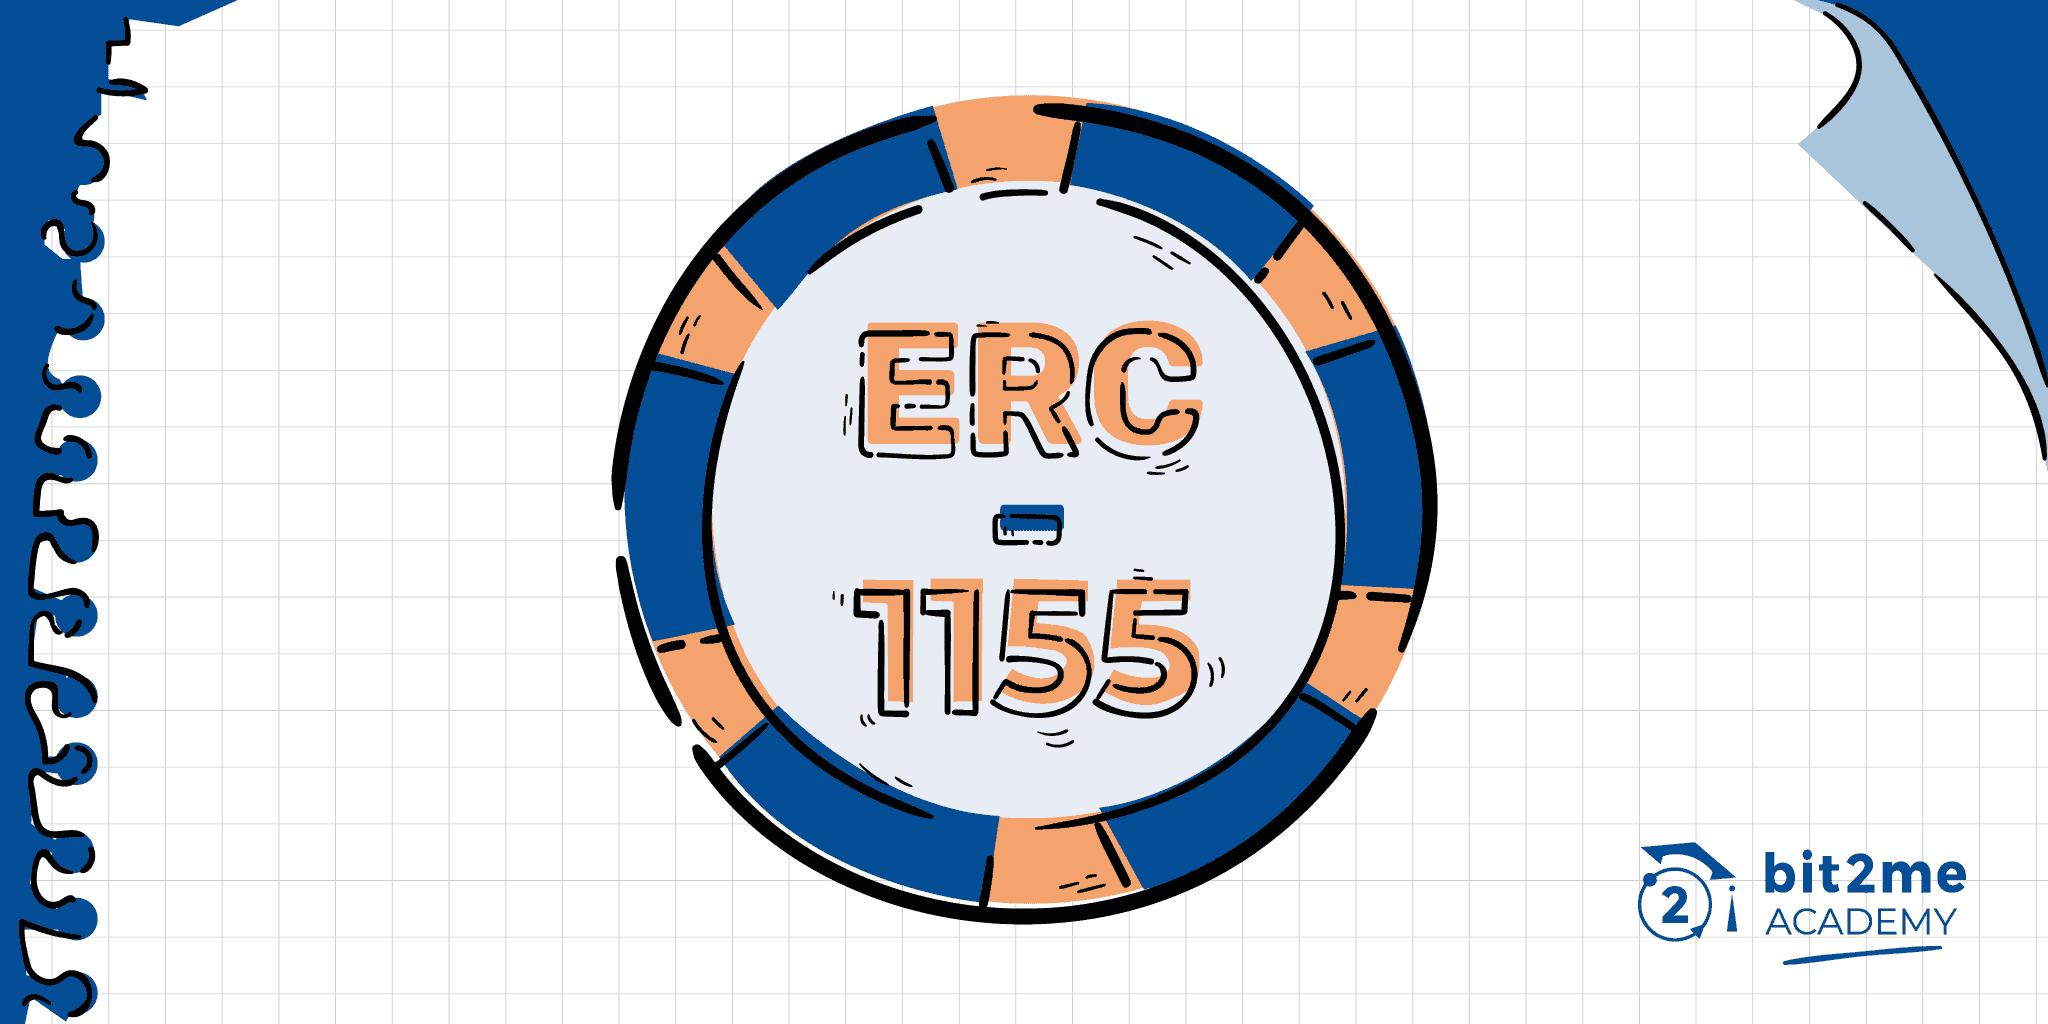 erc 1155, erc eth, erc ethereum